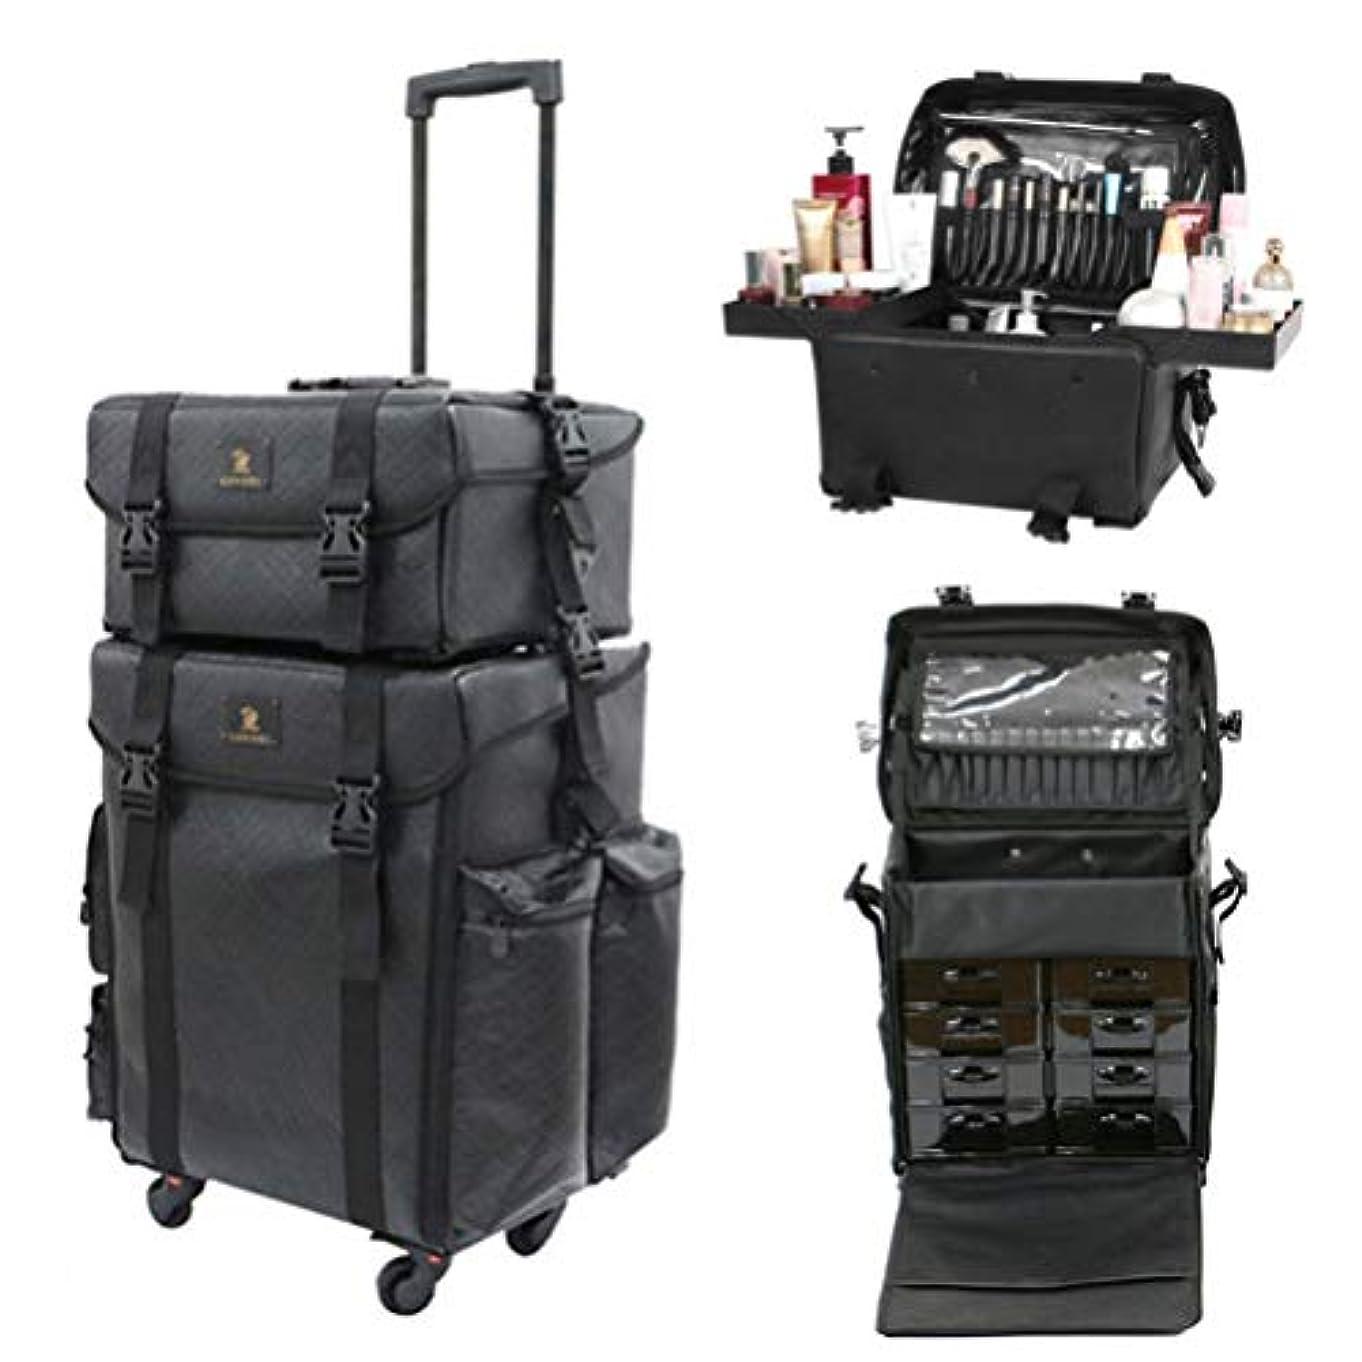 変換ギャングしおれたLUVODI メイクボックス 大容量 プロ コスメボックス 旅行 引き出し 化粧品収納 メイクキャリーケース 美容師 化粧箱 防水 レザー 黒